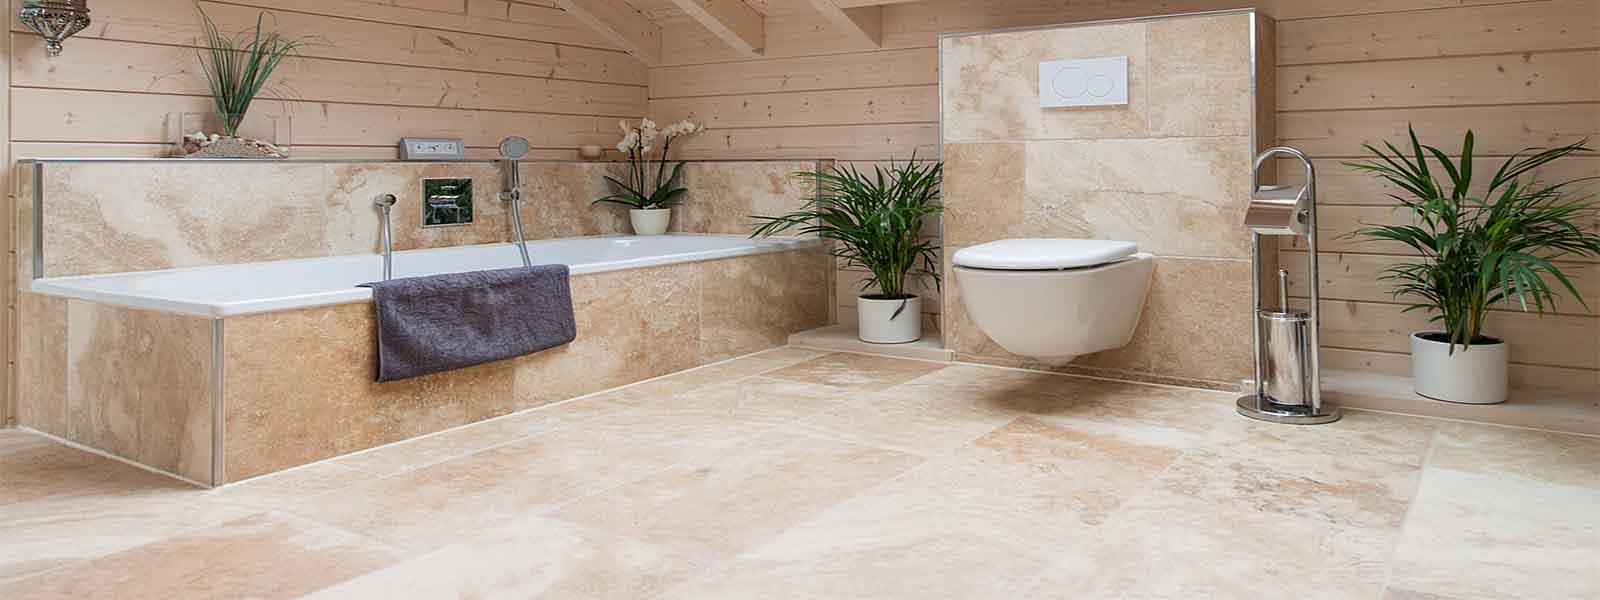 Carrelage travertin pour salle de bain en pierre naturelle for Pierre naturelle pour salle de bain